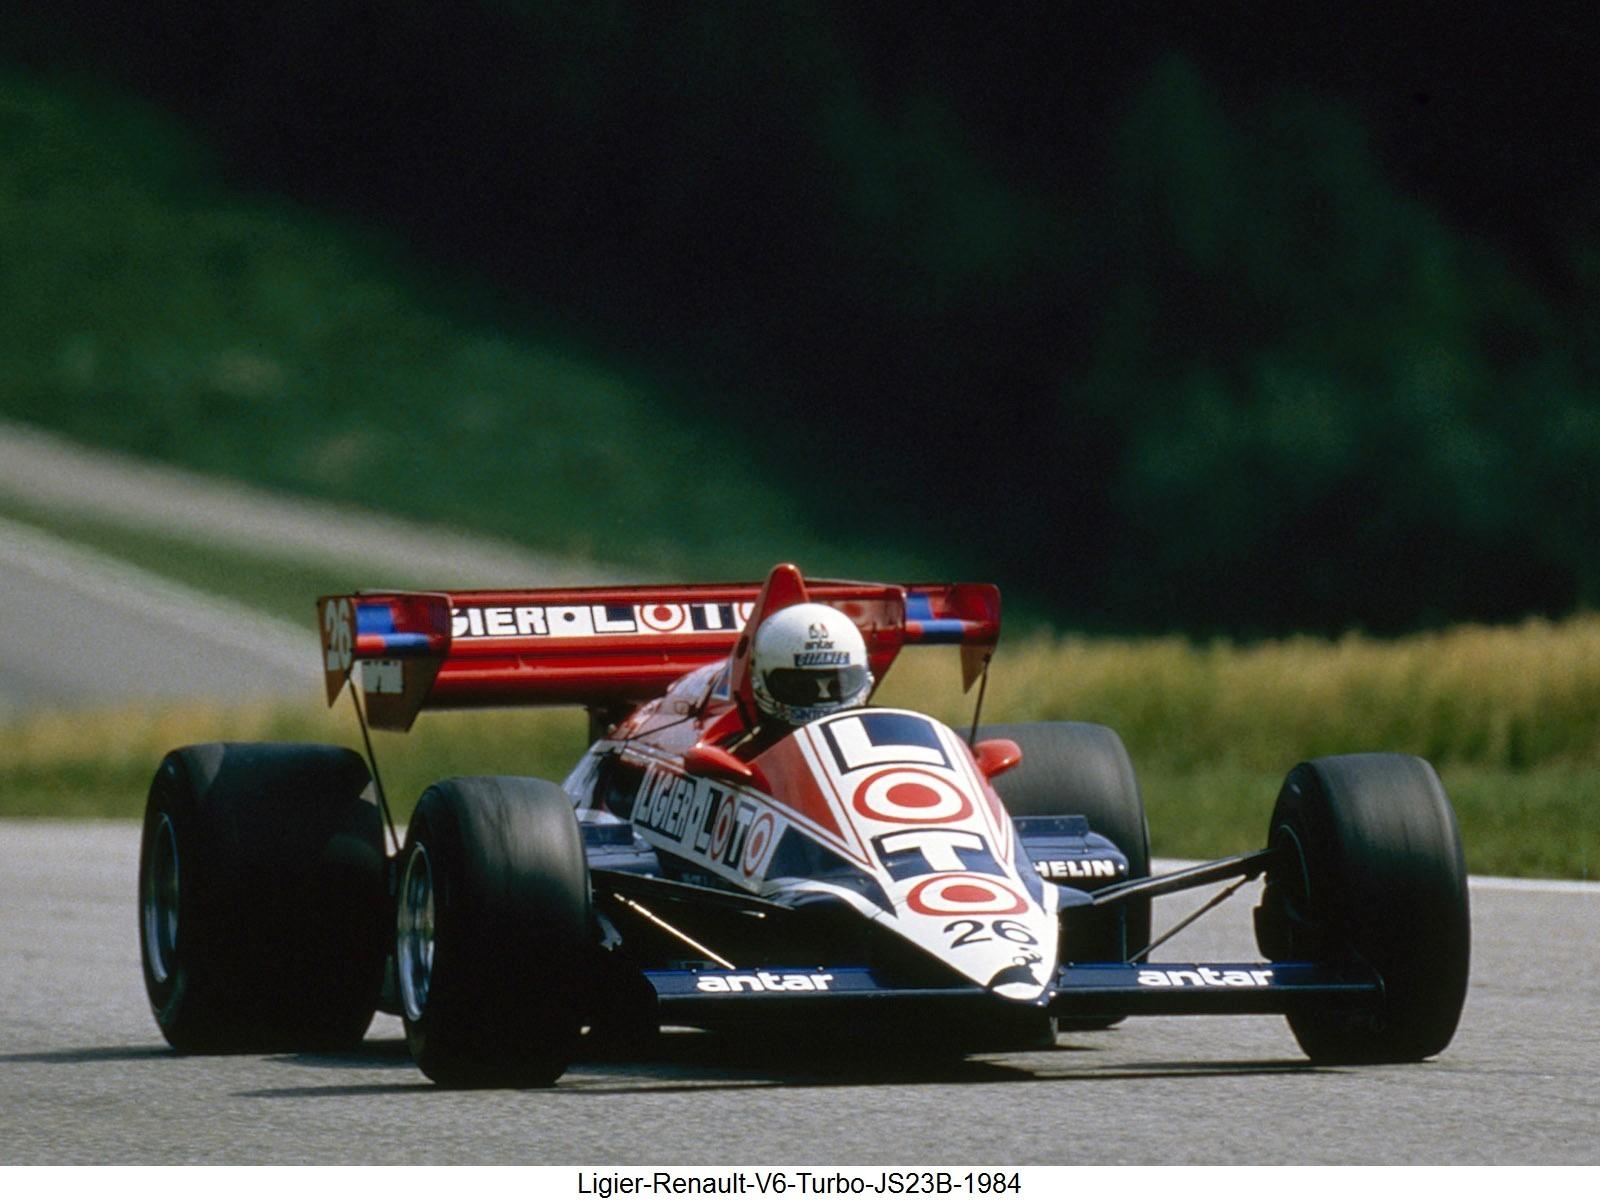 Ligier Renault V6 Turbo JS23B 1984